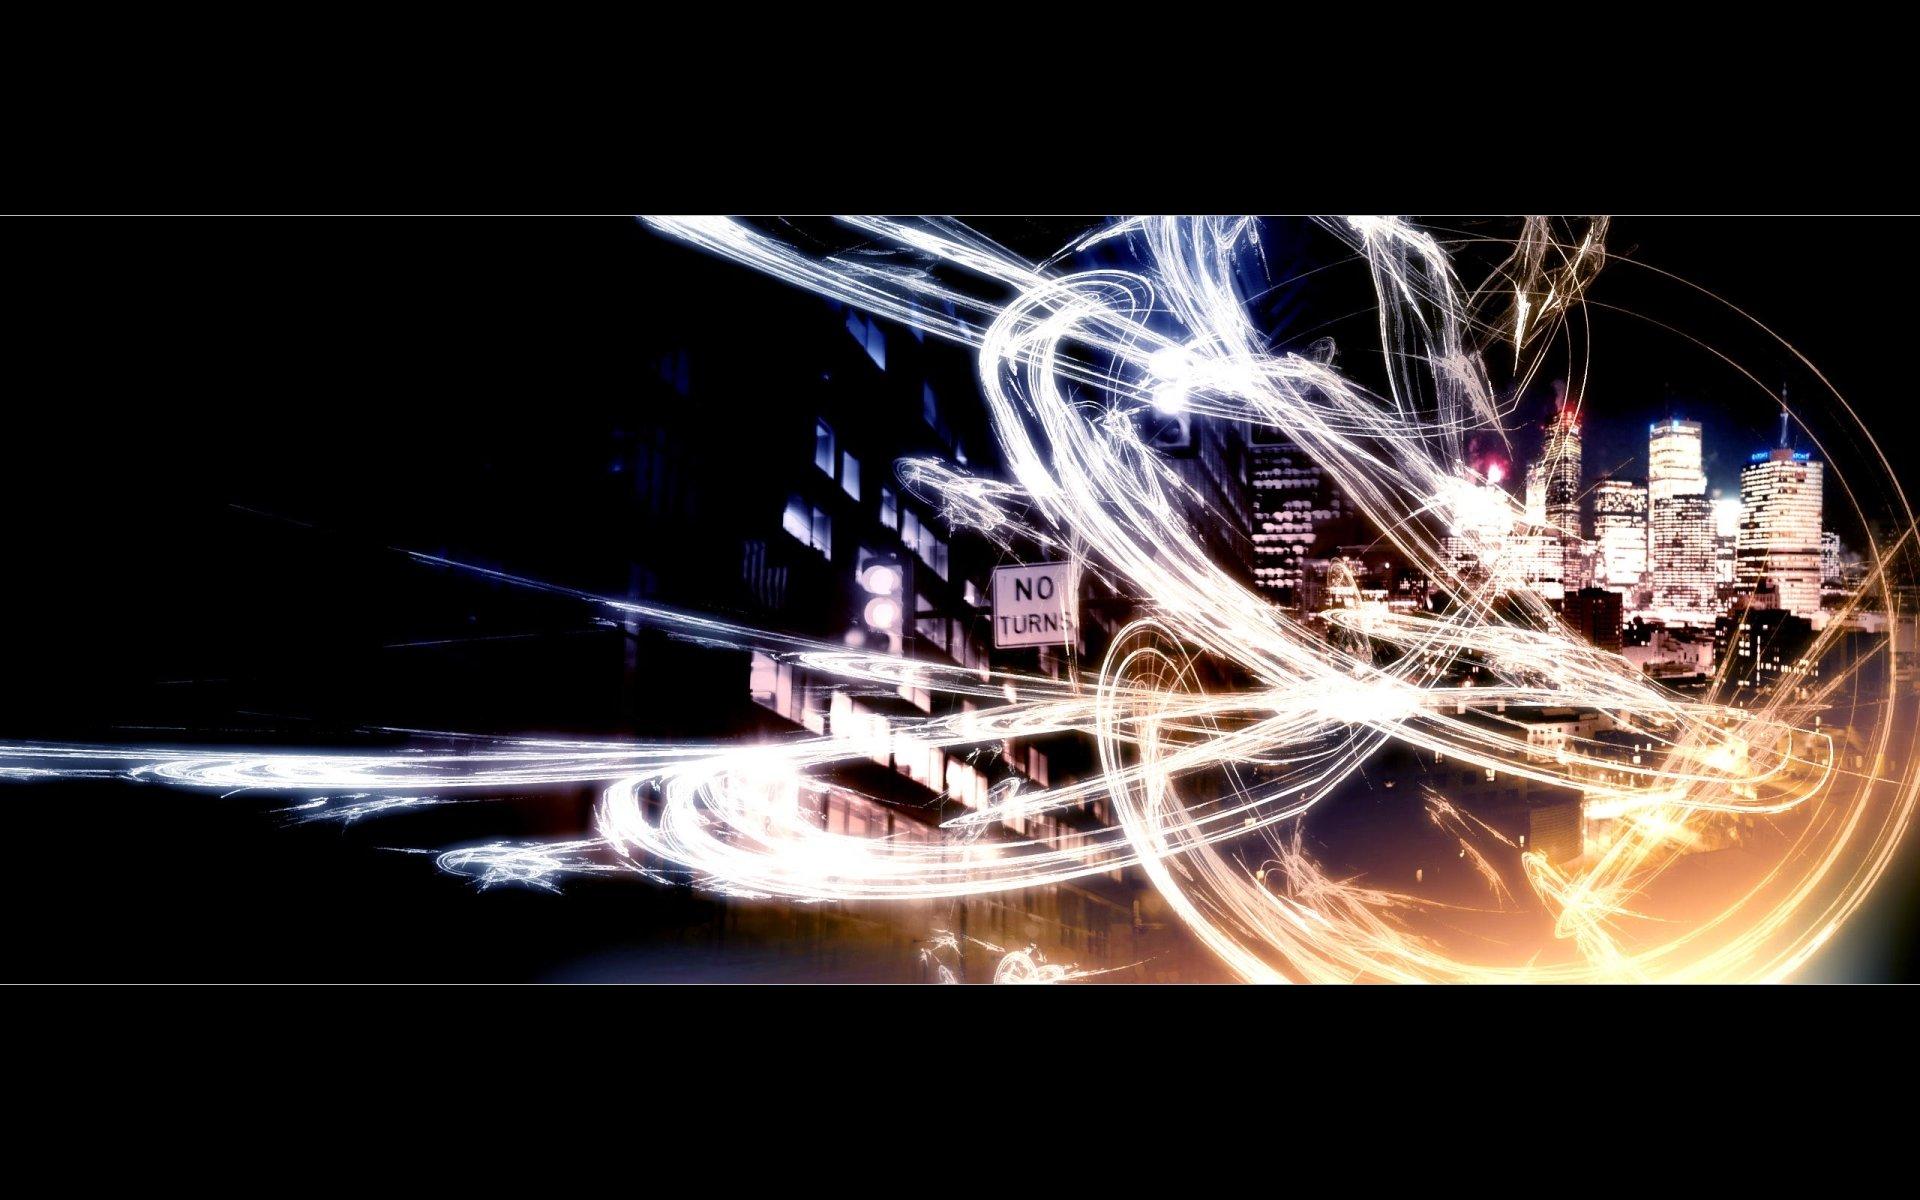 抽象 - 酷炫  素材 色彩 图形 质感 CGI 摄影 摄影后期 Cinema 艺术 抽象 壁纸